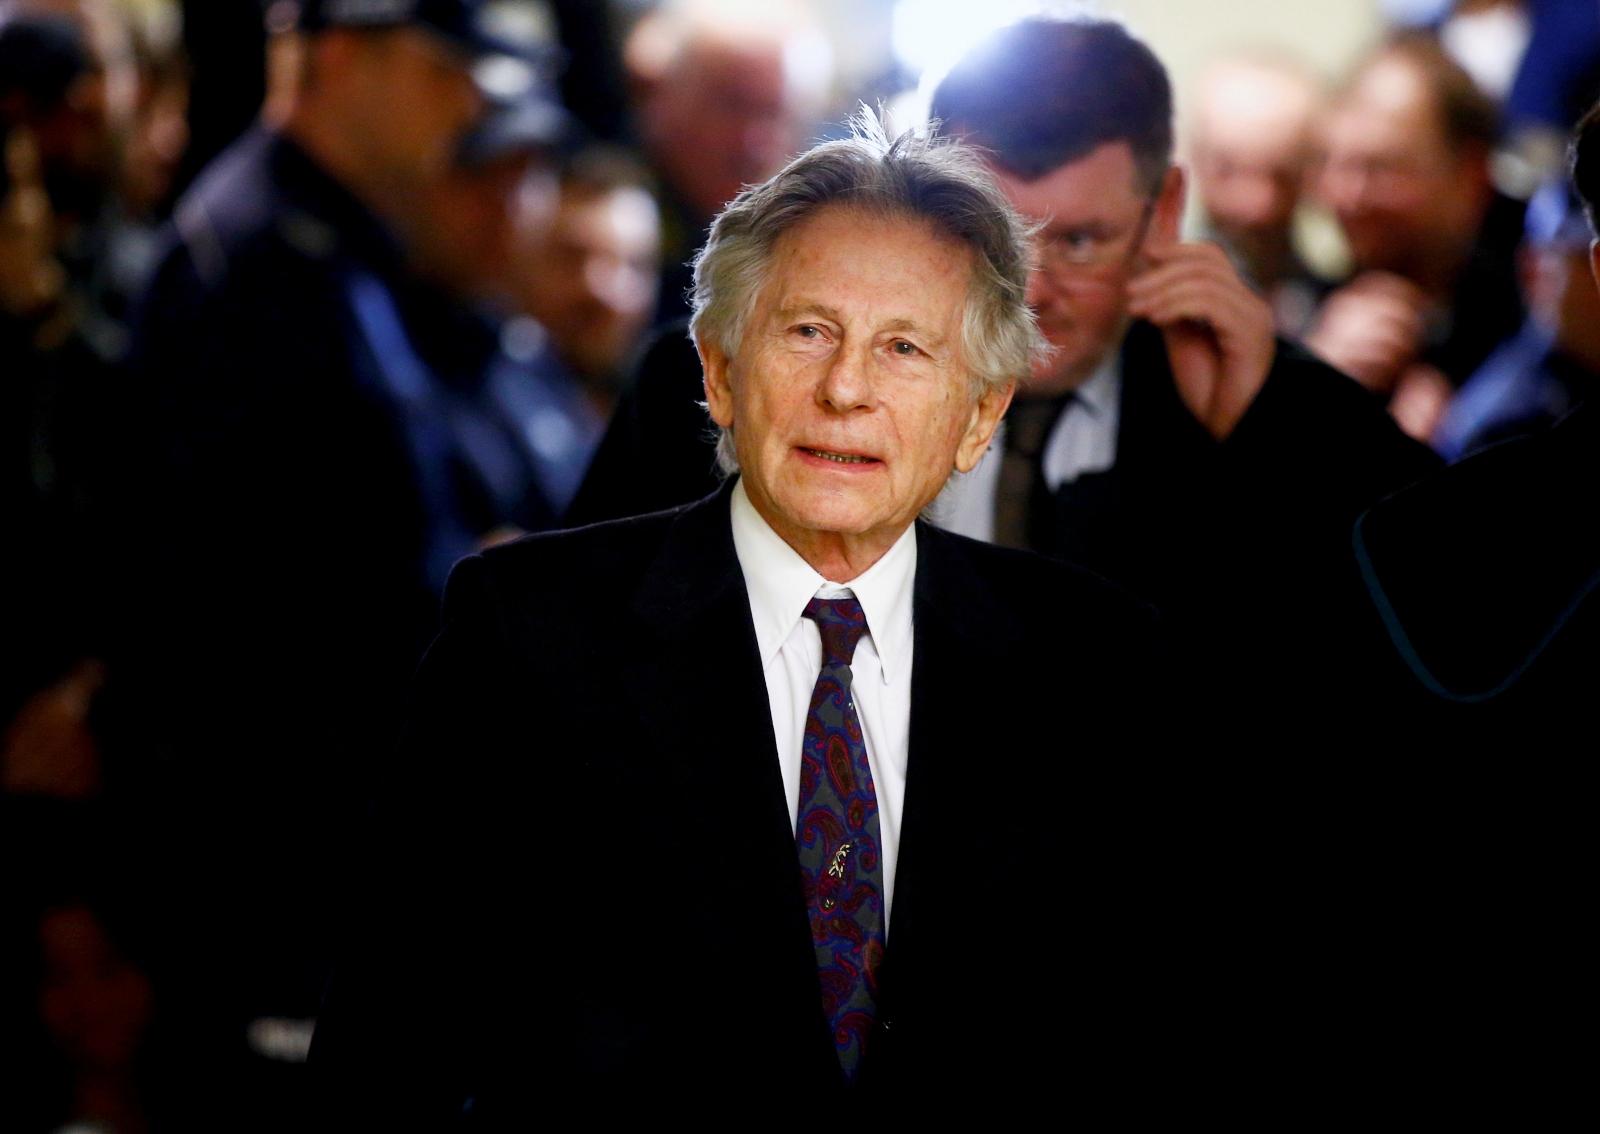 Filmmaker Roman Polanski